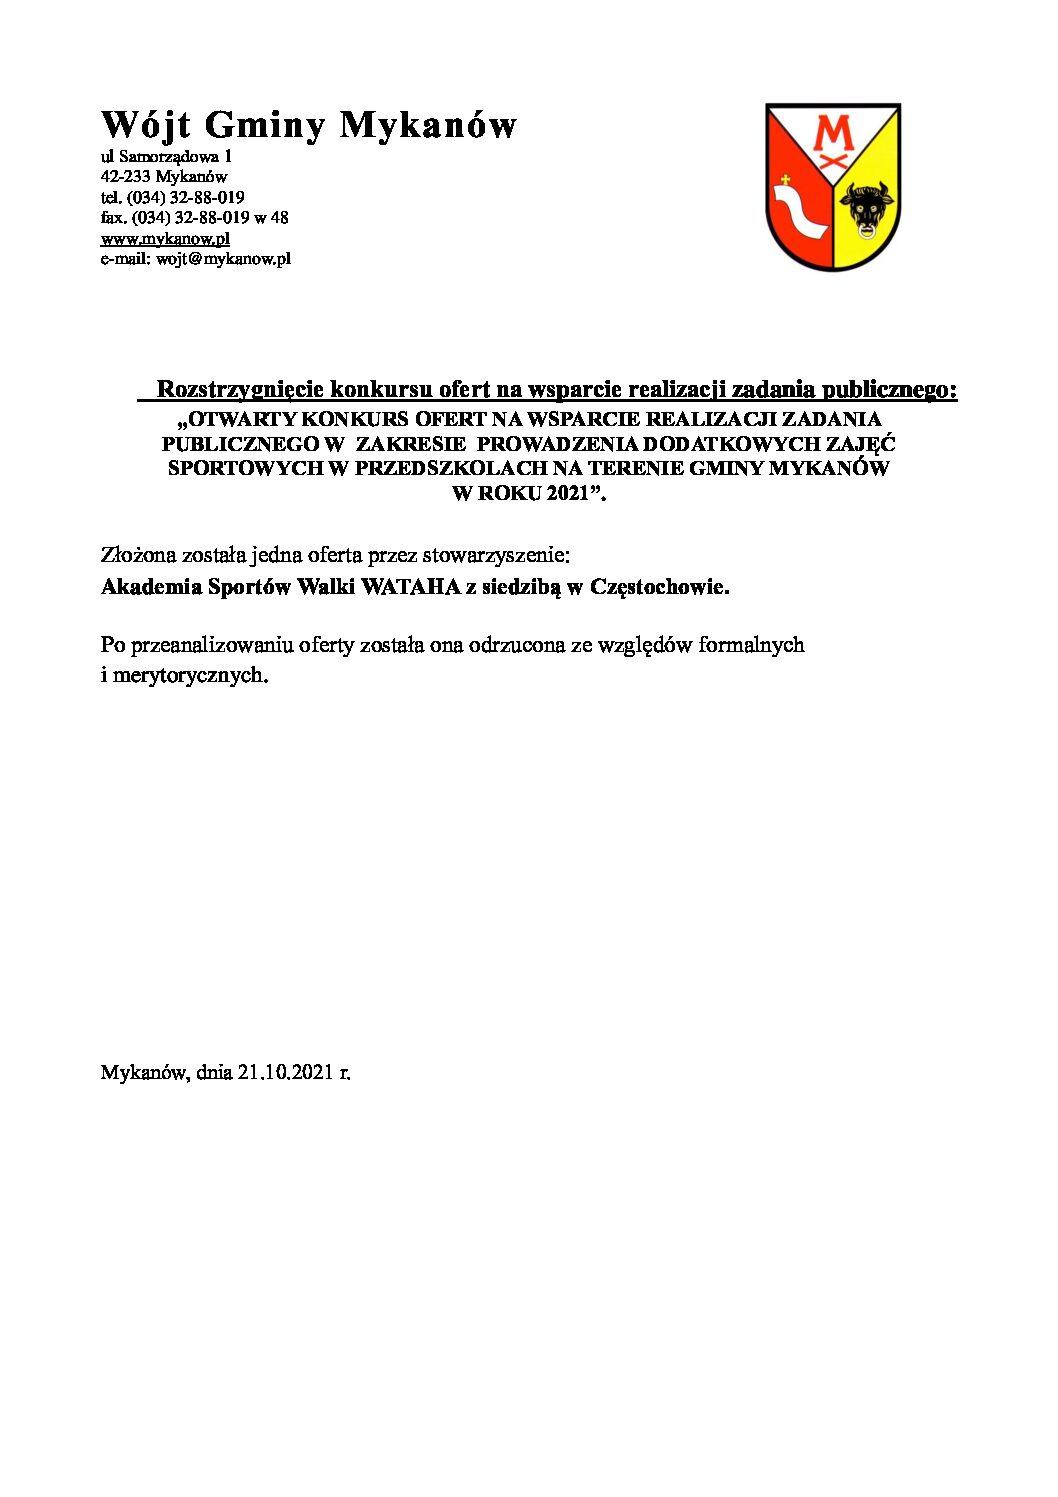 Ogłoszenie o wynikach konkursu na wsparcie realizacji zadania publicznego